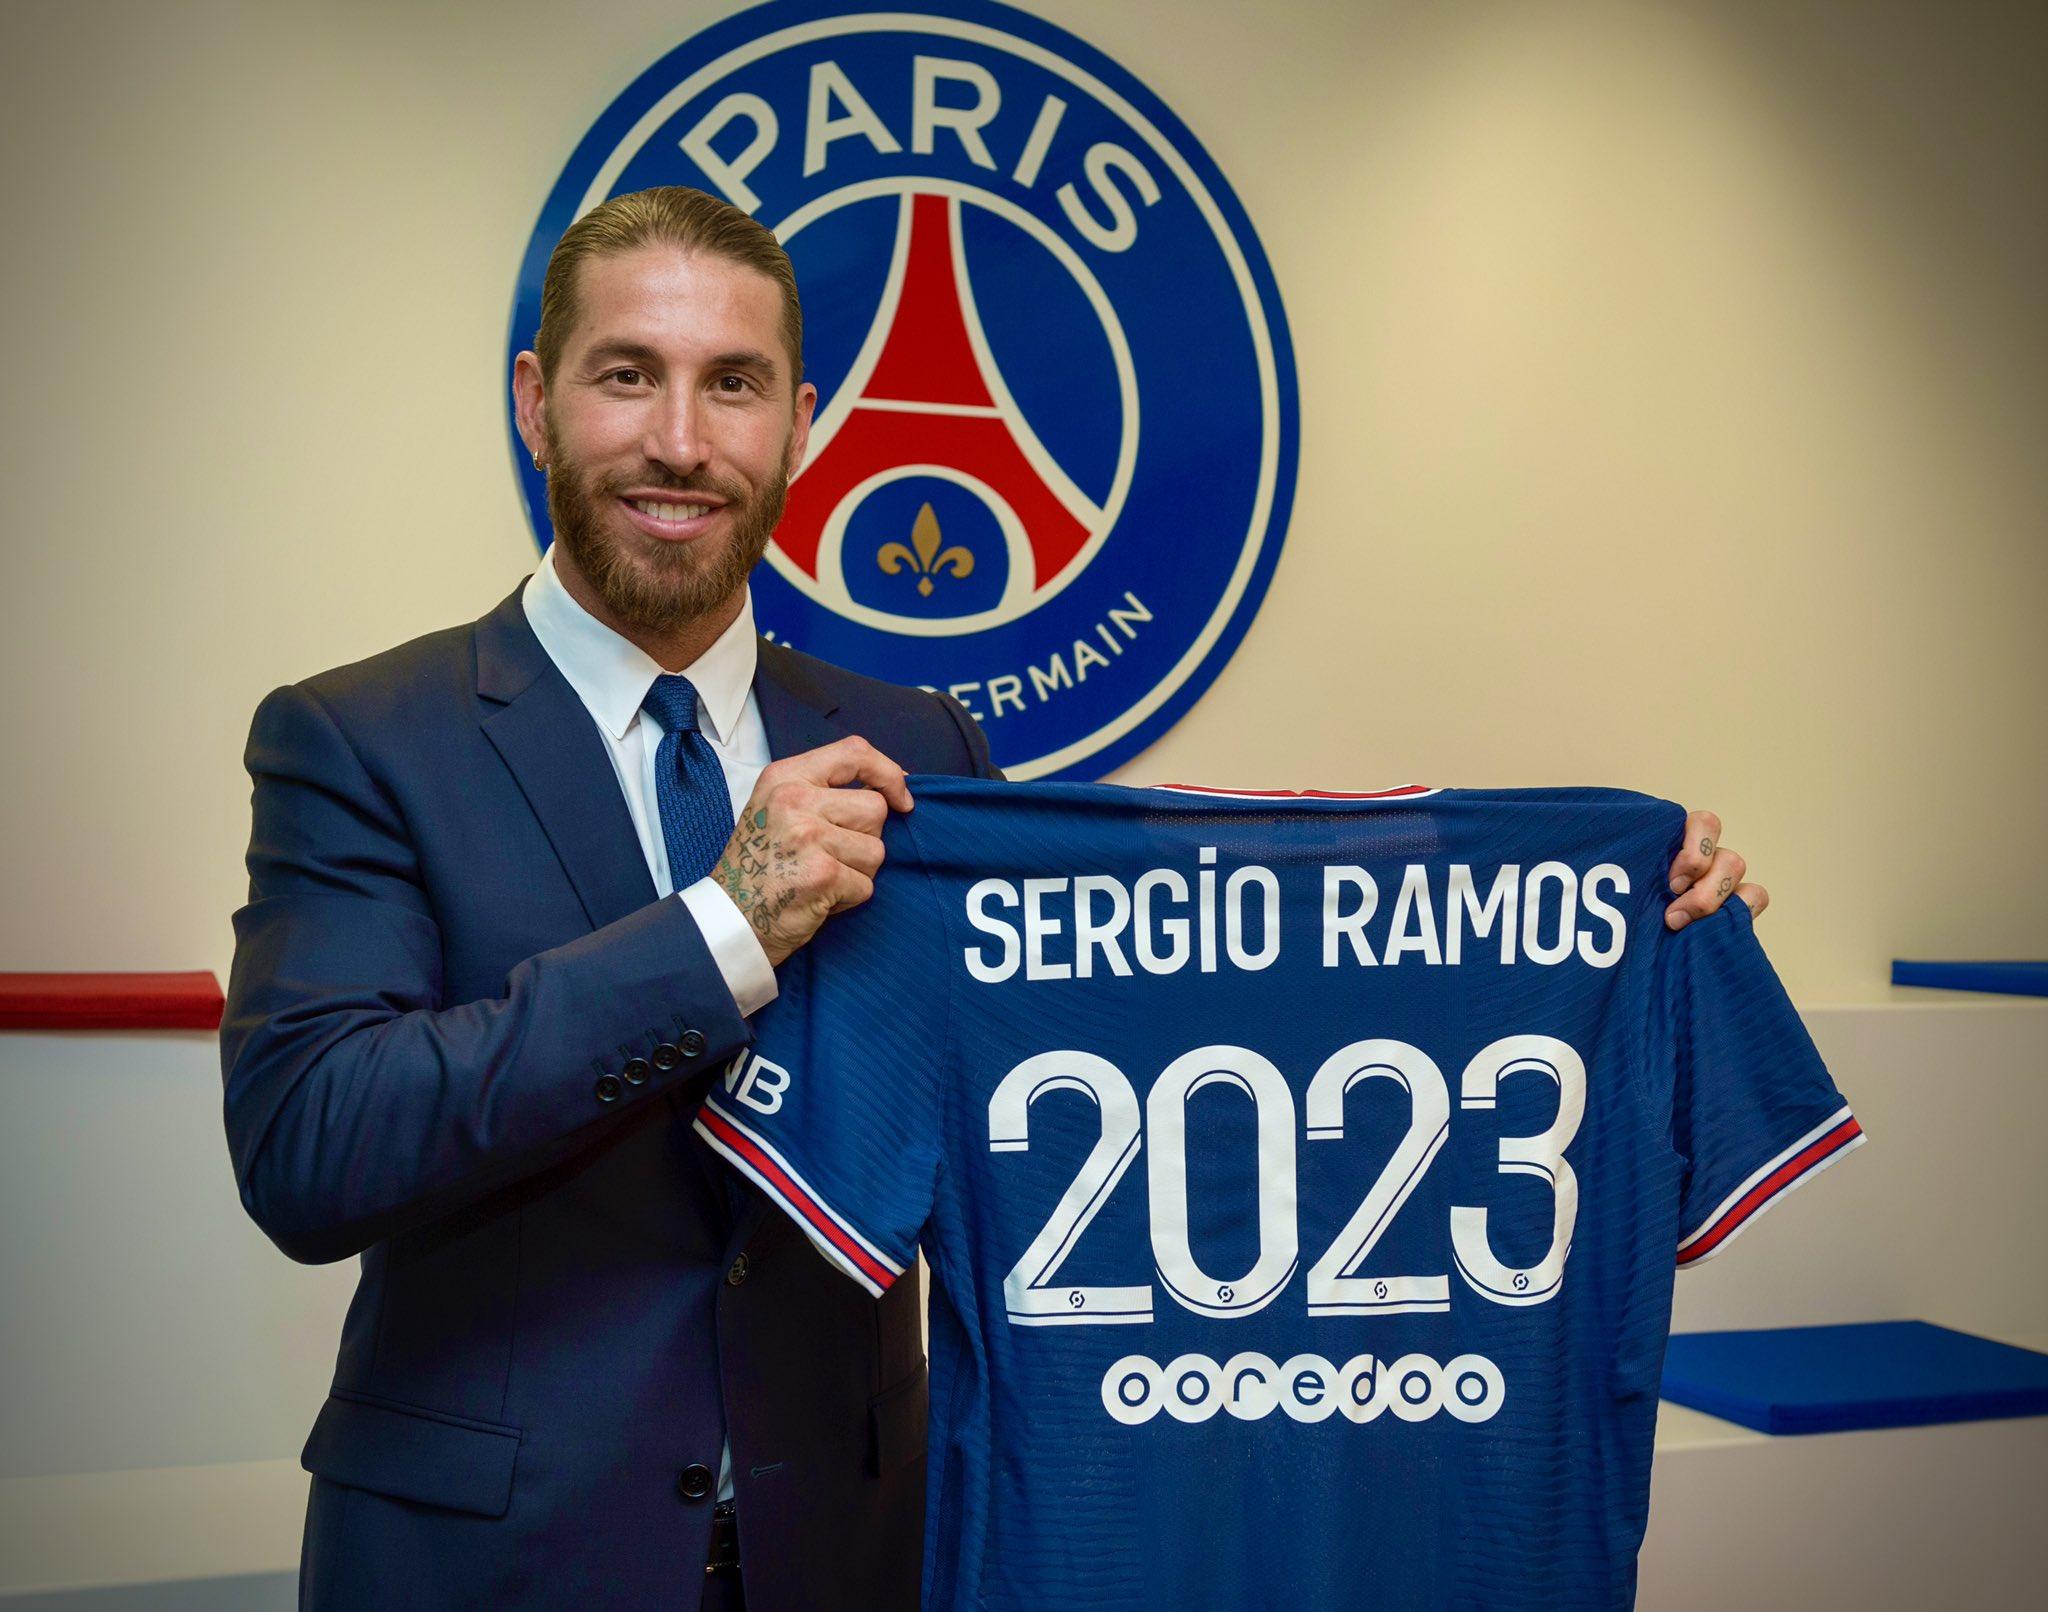 سيرخيو راموس والتغريده الأولى بعد الانضمام إلى باريس سان جيرمان